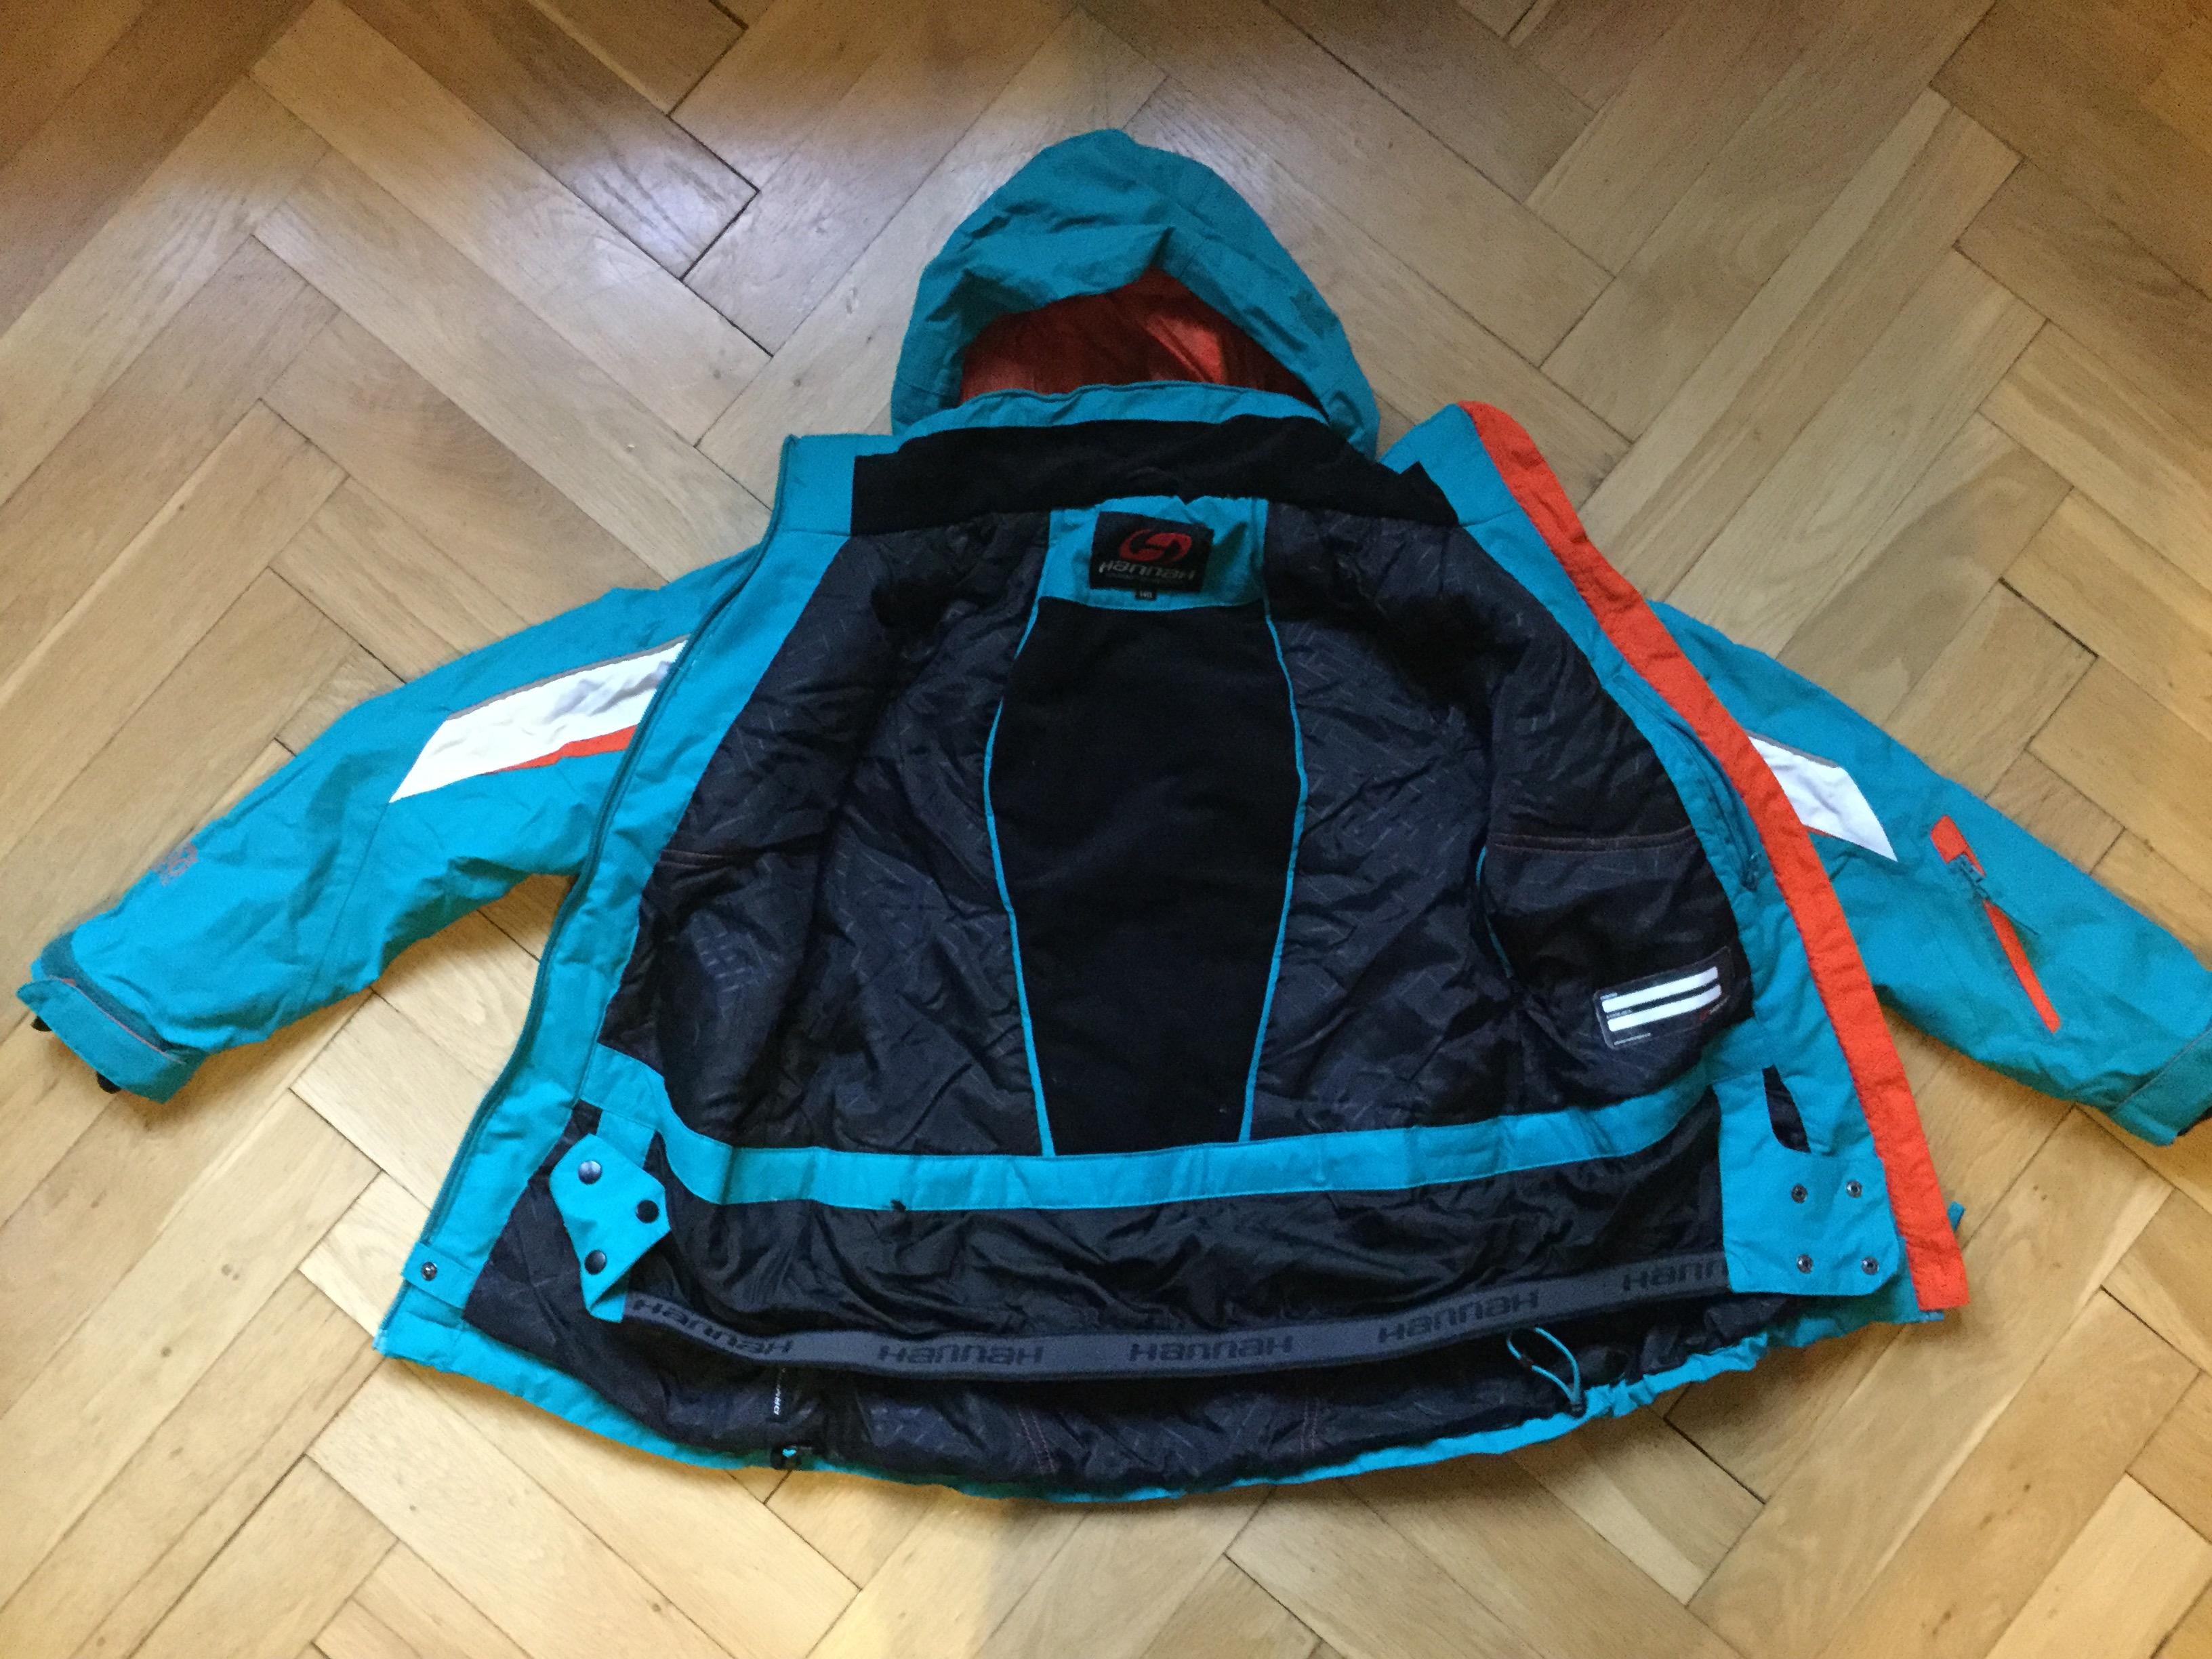 db6dbfdc5b2 dětská lyžařská bunda Hannah - Bazar - SNOW.CZ